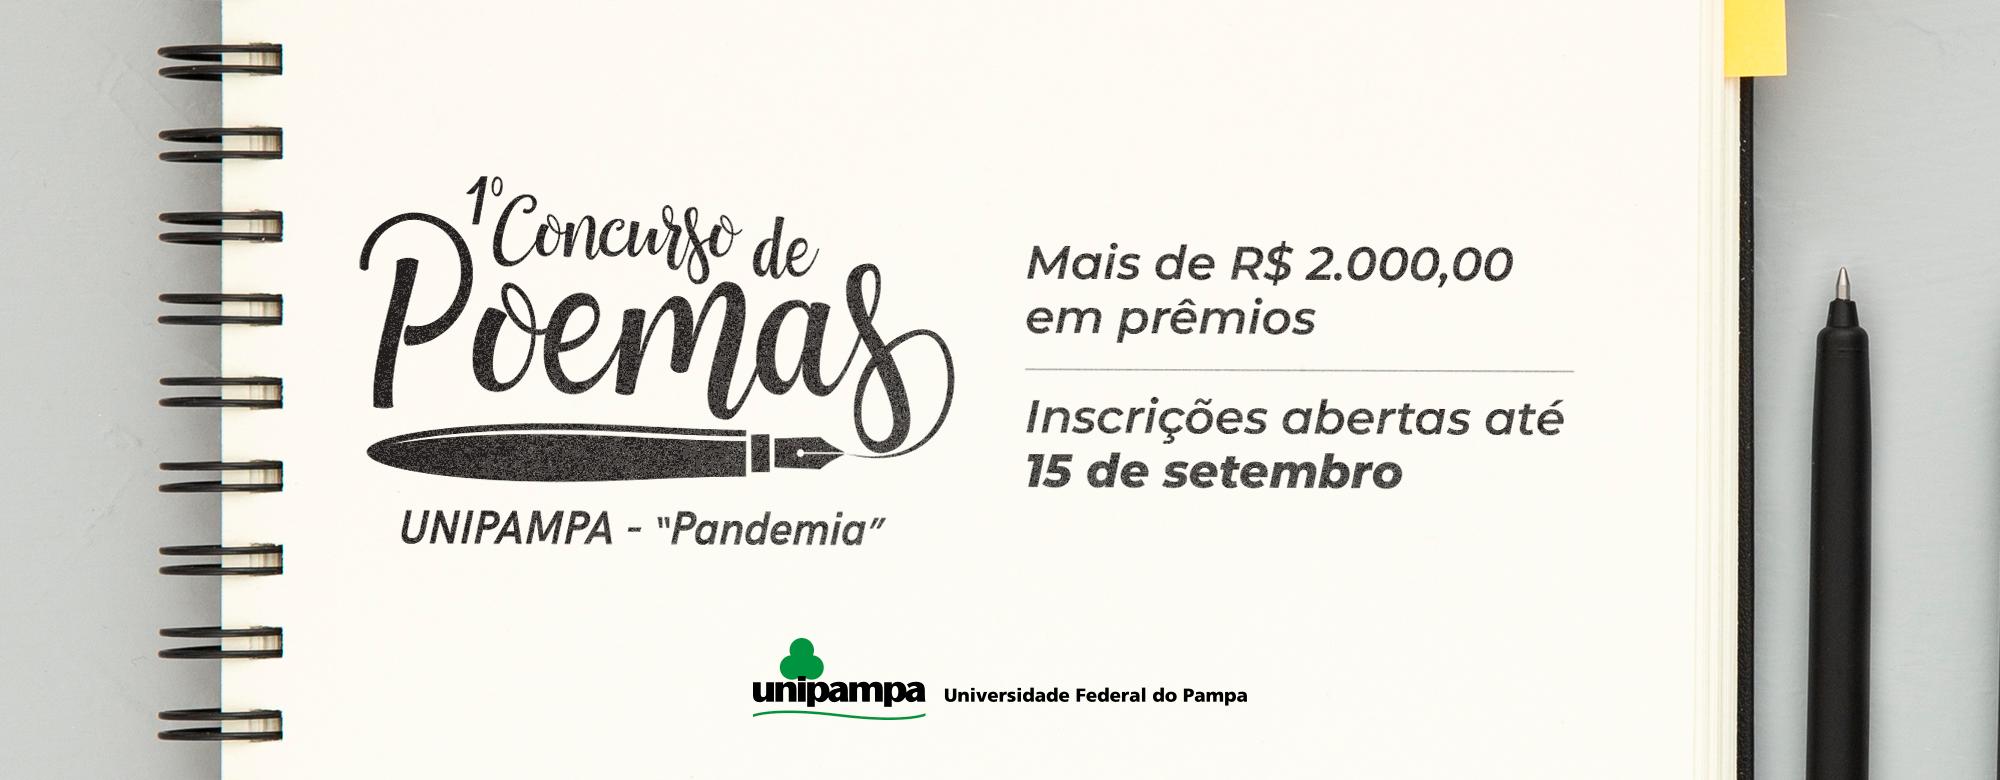 Inscrições abertas para Concurso de Poemas com a temática Pandemia